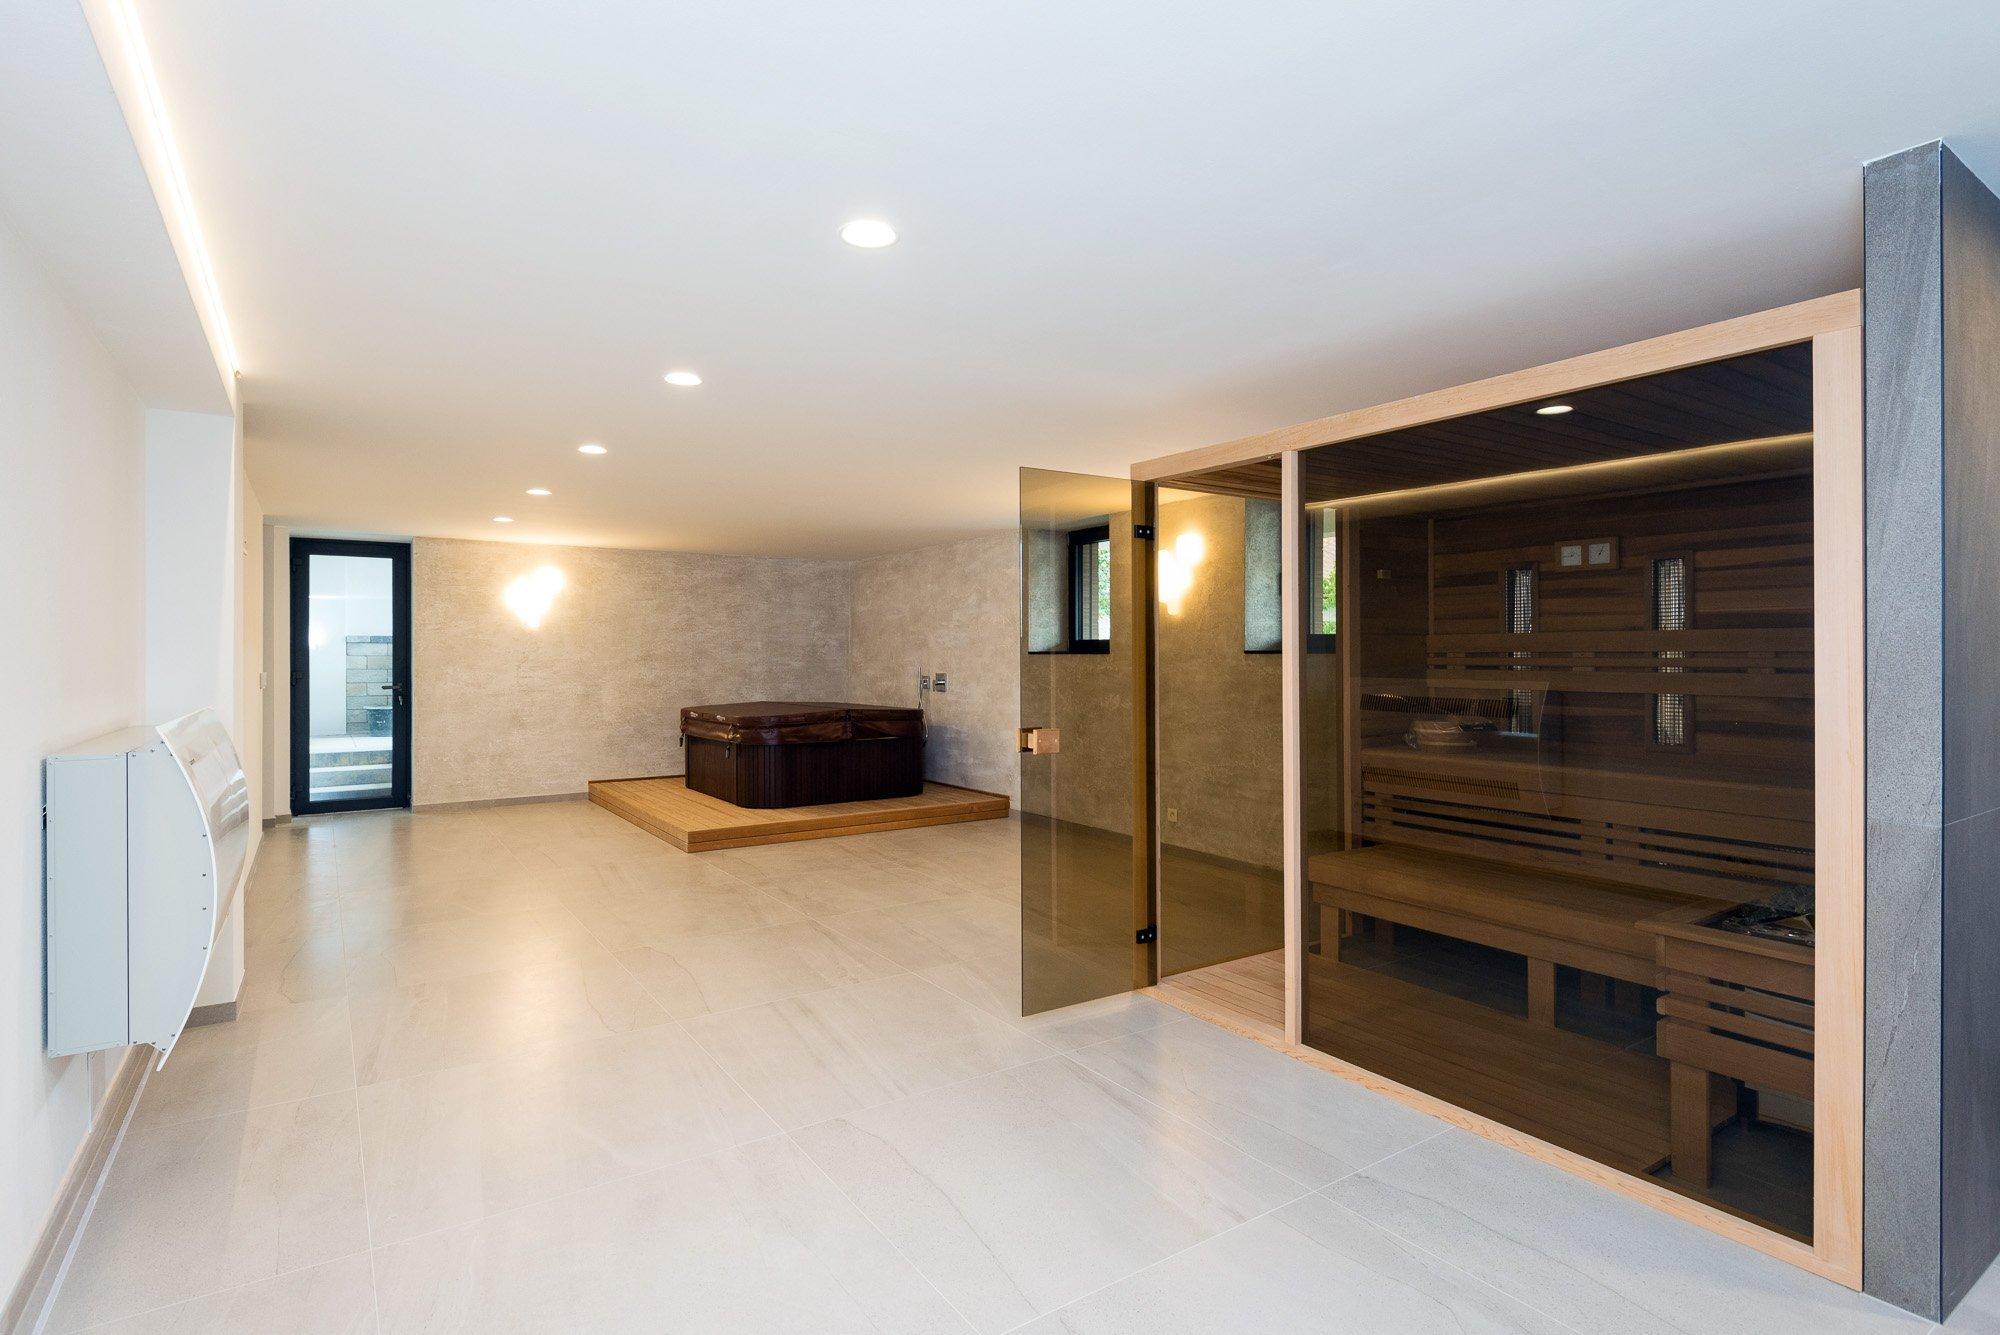 Elegantný a moderný interiér rodinného domu realizovaný pomocou prírodných materiálov v kombinácii s umelým kameňom a lamino povrchom.